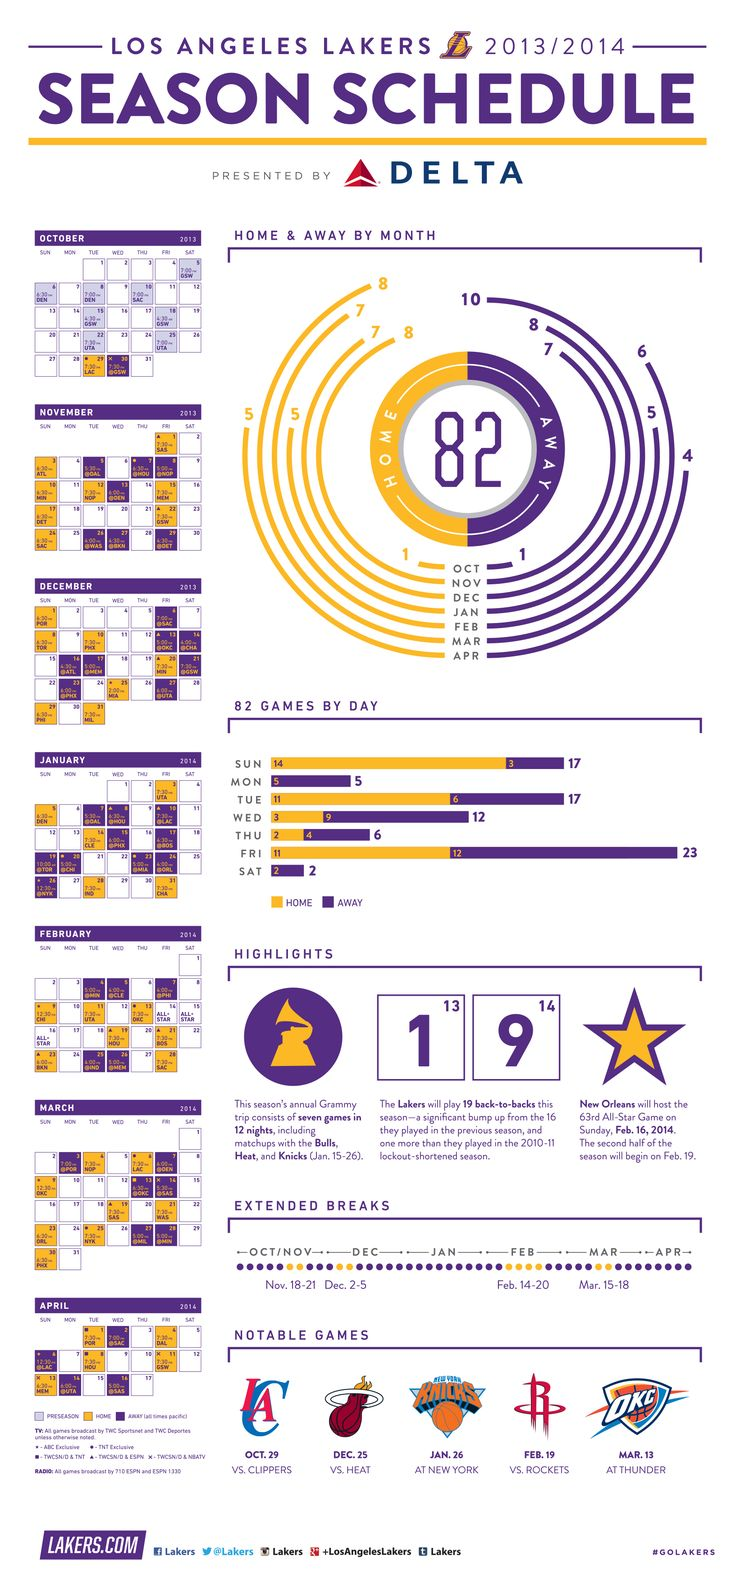 201314 Season Schedule Infographic Schedule design